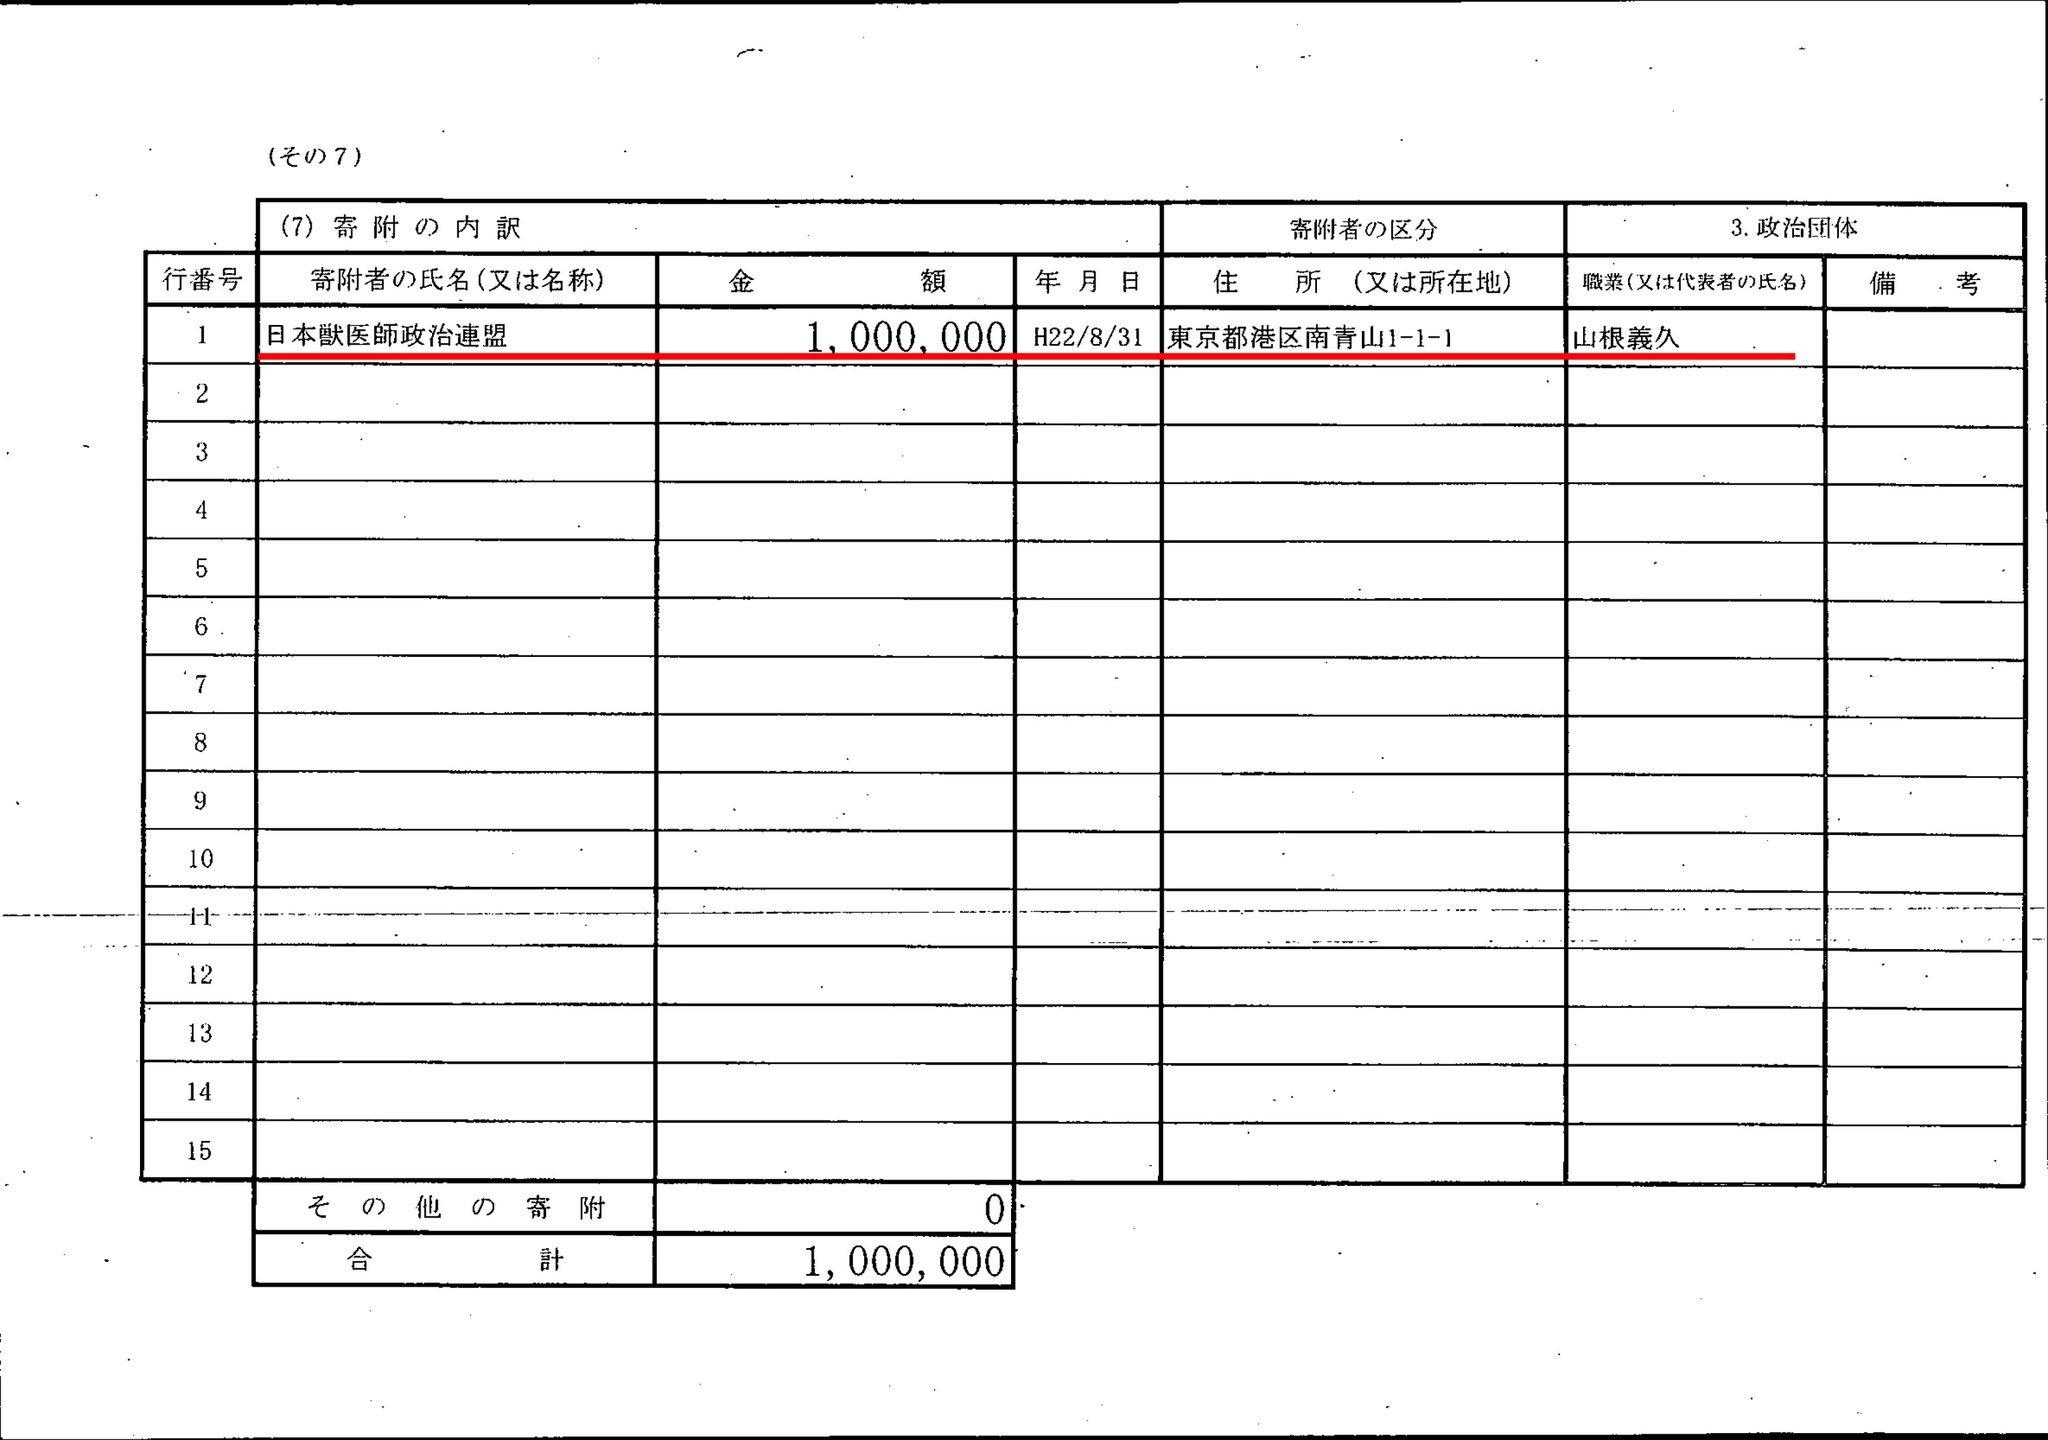 民進党、芝博一幹事長代理が日本獣医師政治連盟から100万円の献金受け取り